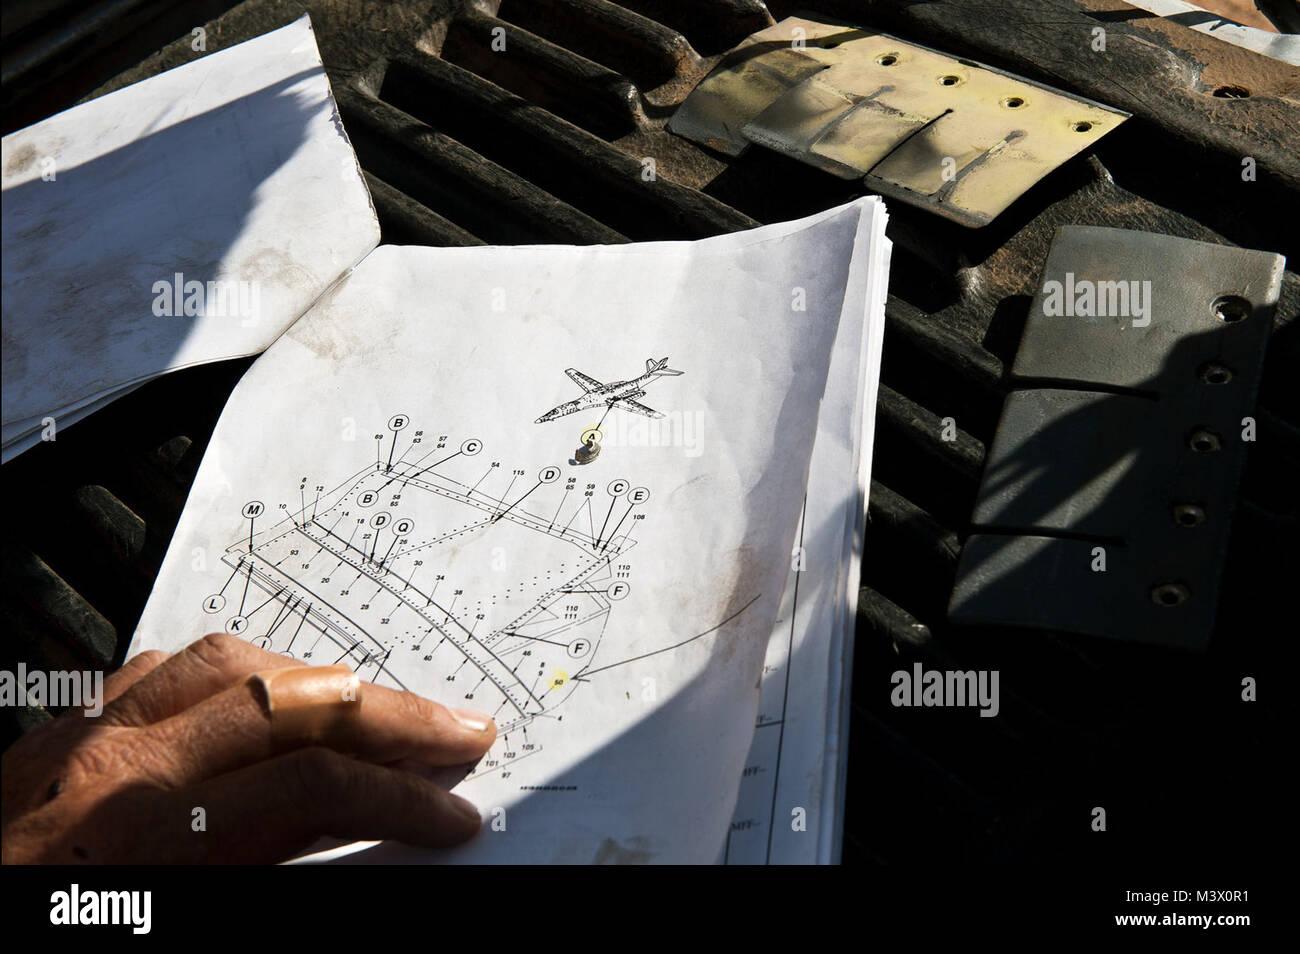 Erfreut Flugzeug Schaltplan Handbuch Zeitgenössisch - Elektrische ...